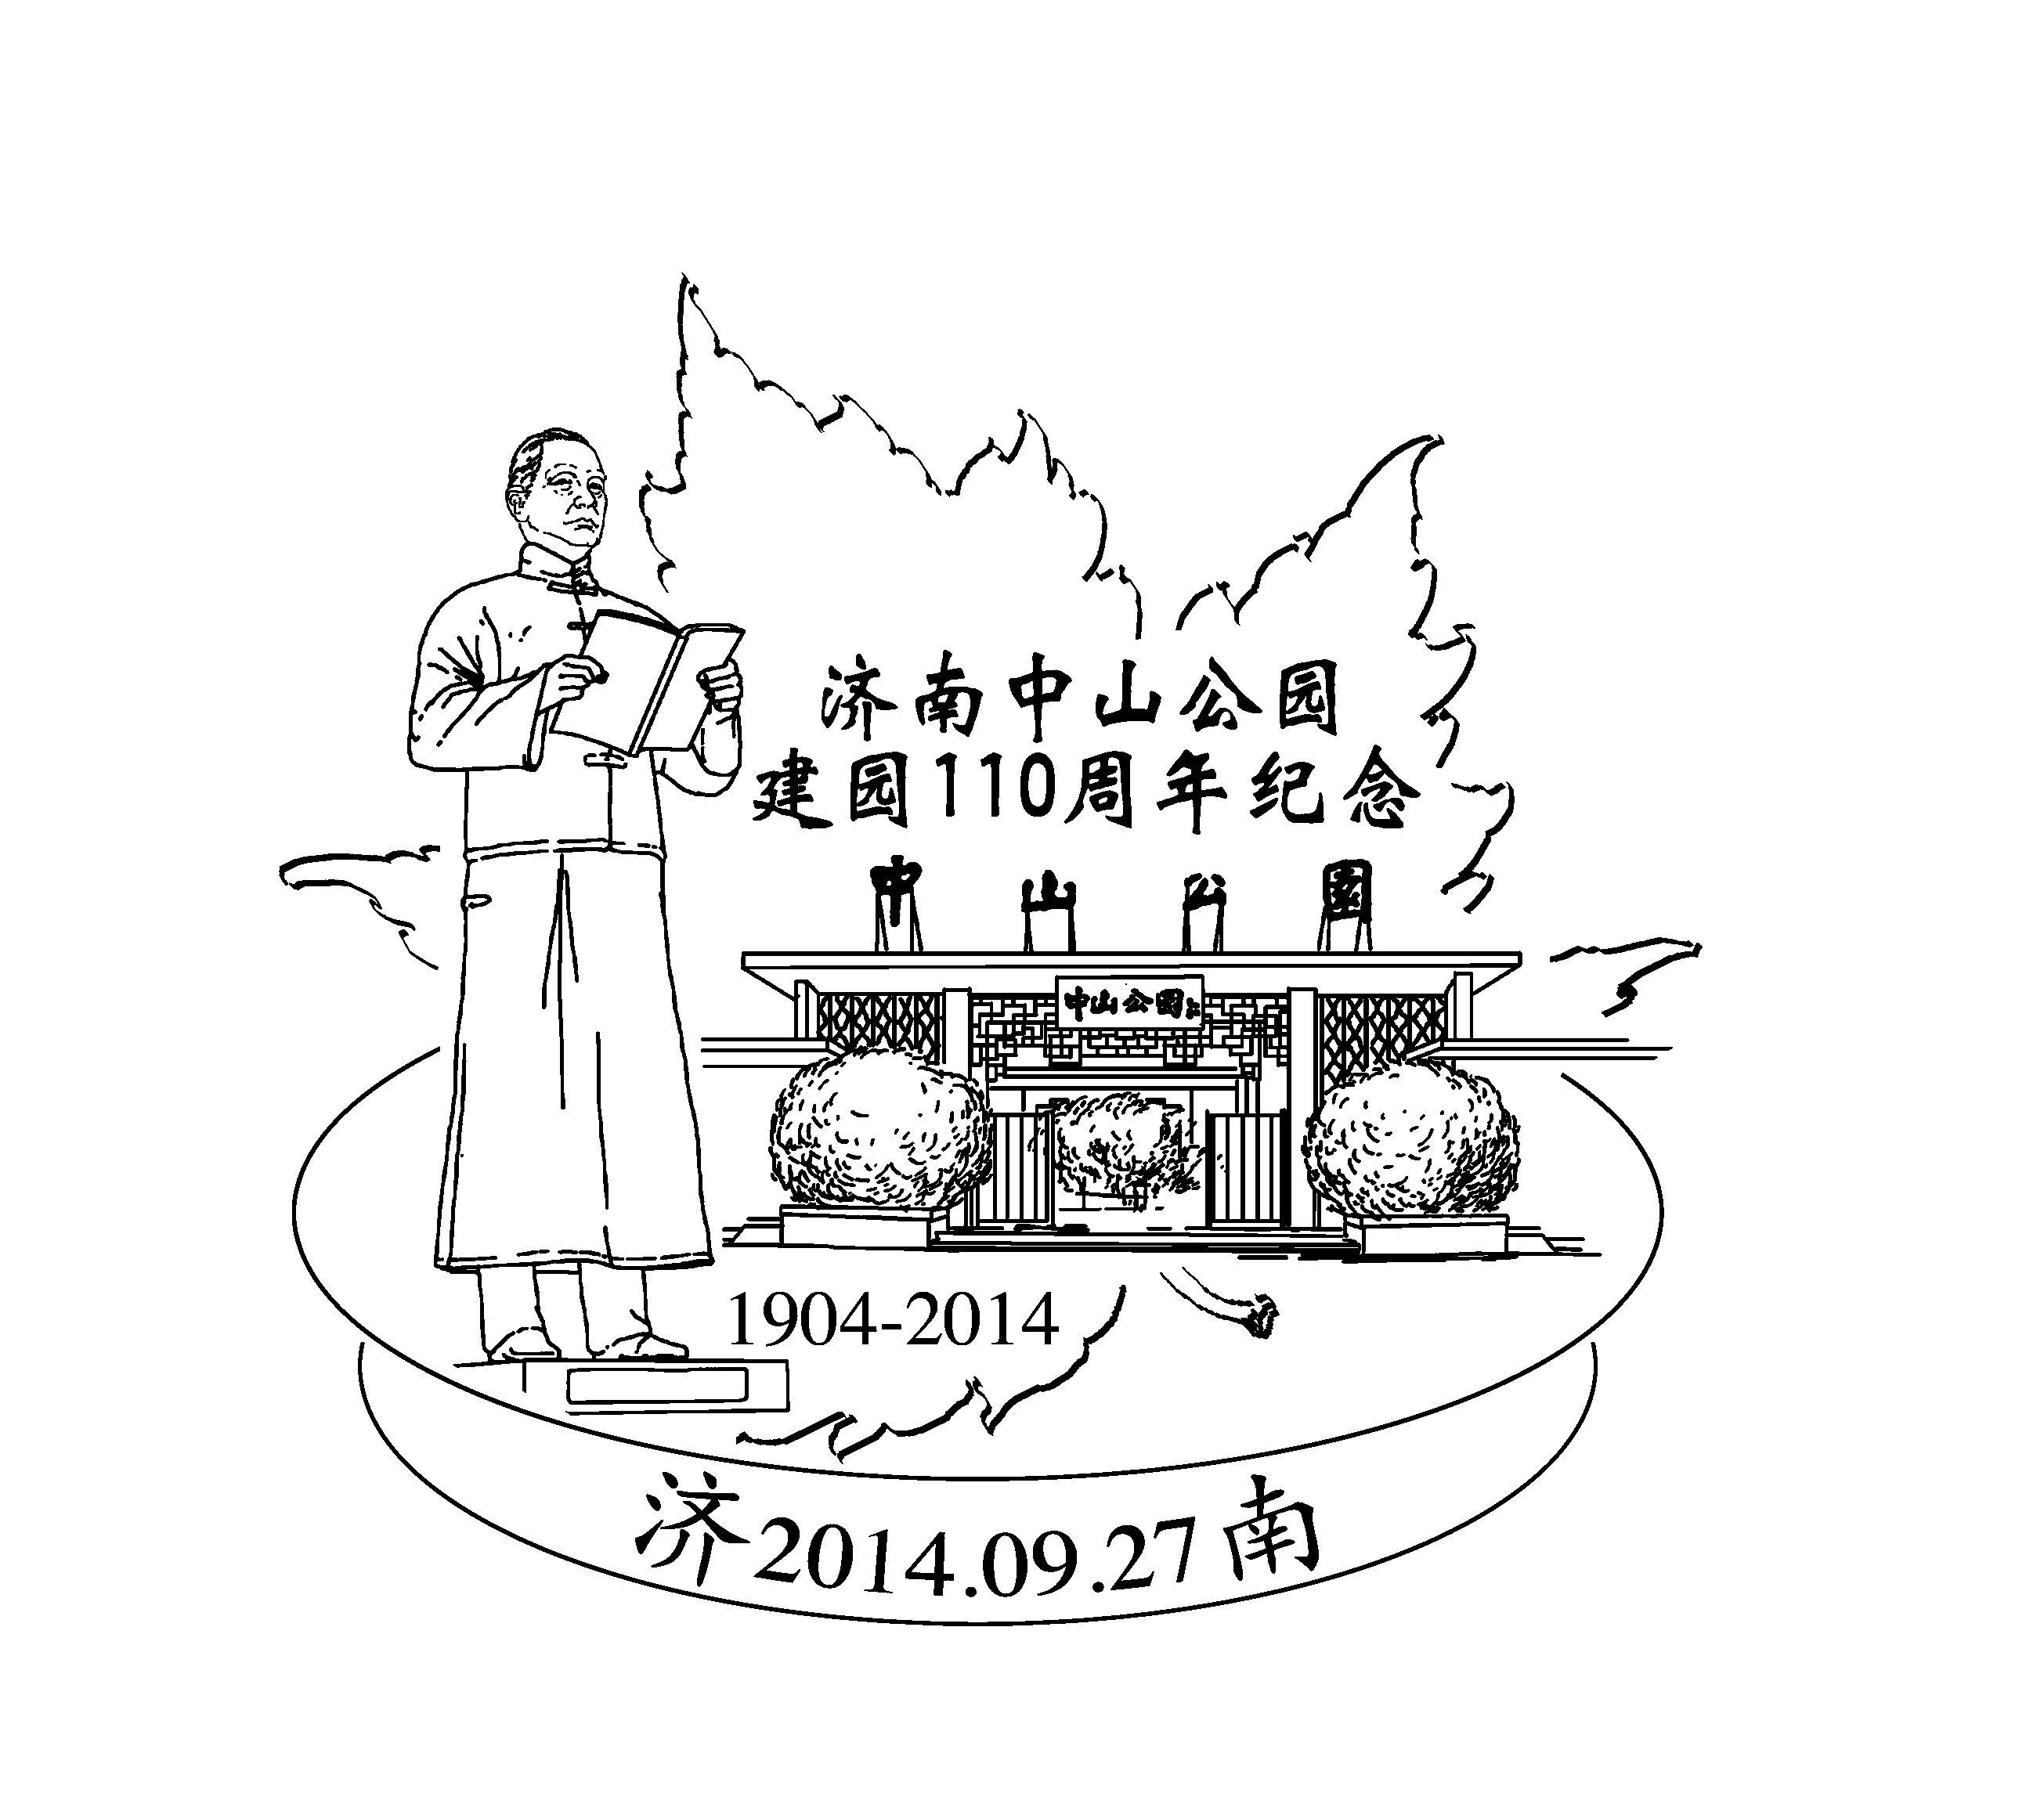 山东邮政启用济南中山公园建园110周年纪念邮戳